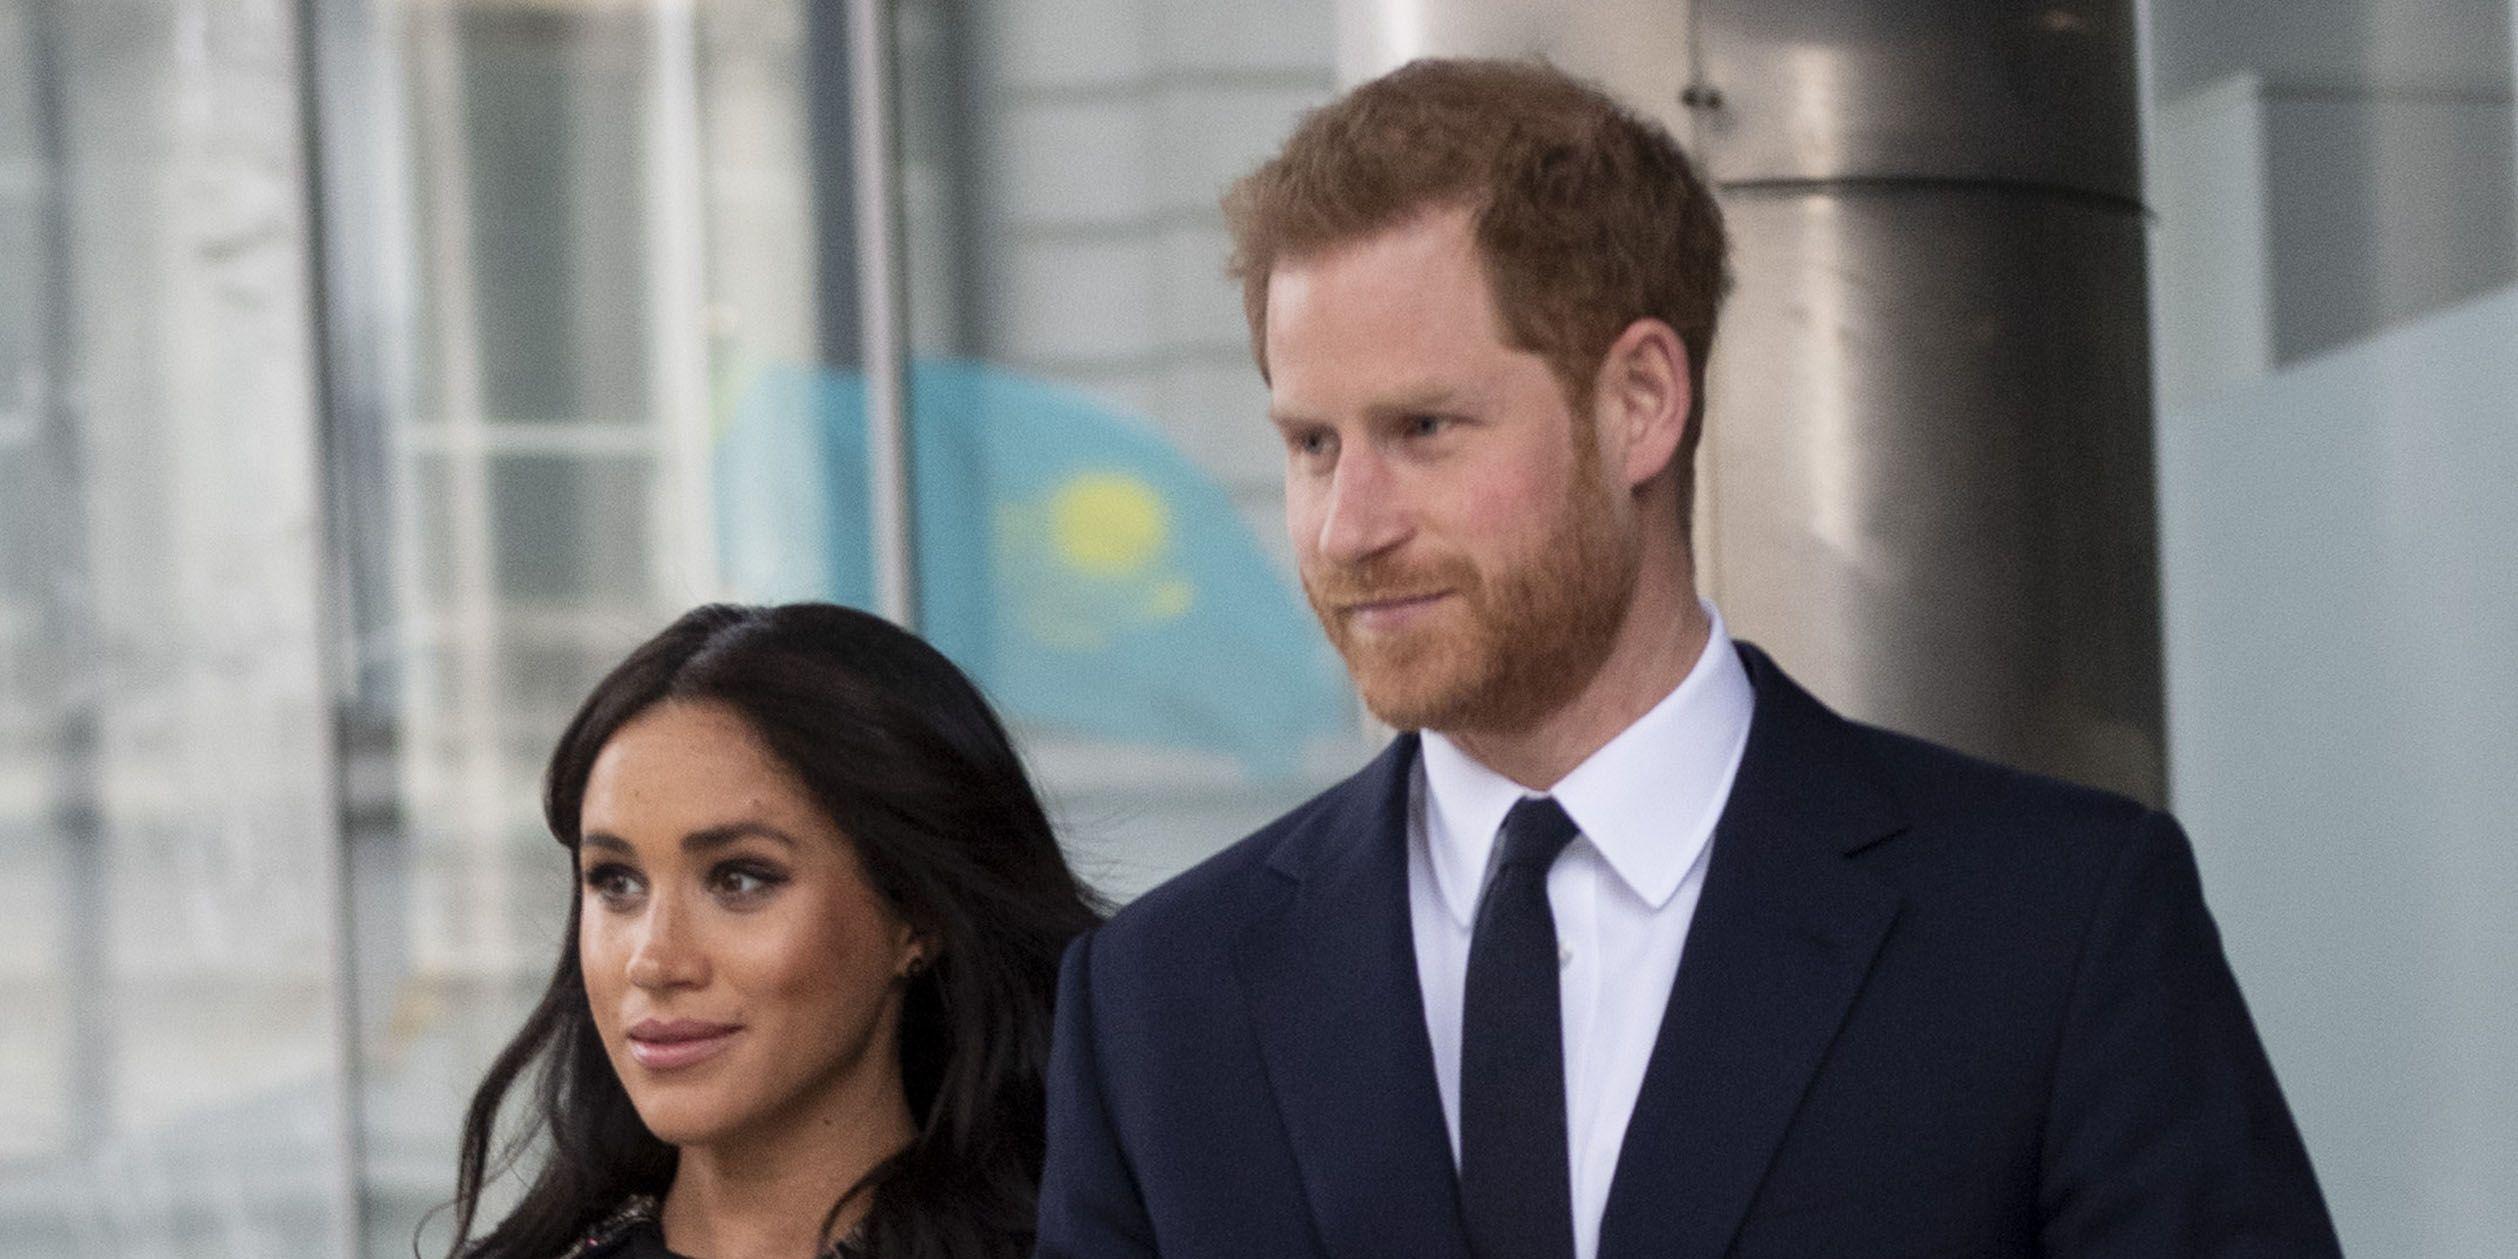 New Zealand Terrorist Attack Wikipedia: Royal Family News: Le Regole Da Seguire Alla Nascita Di Un